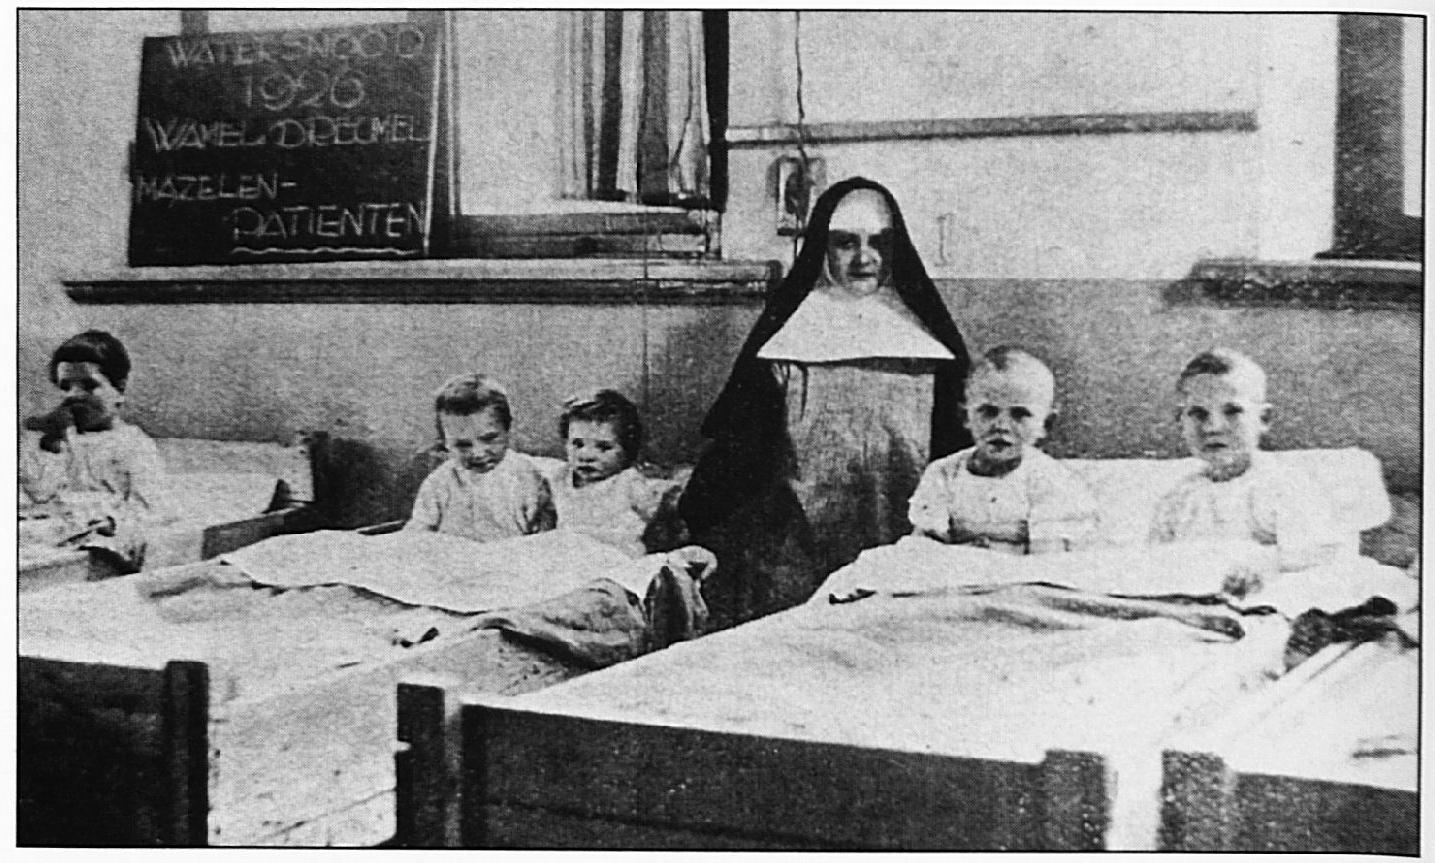 Kinderen uit Wamel en Dreumel tijdens de Watersnood in 1926. Het bord vermeldt duidelijk dat het mazelen patiëntjes betreft.